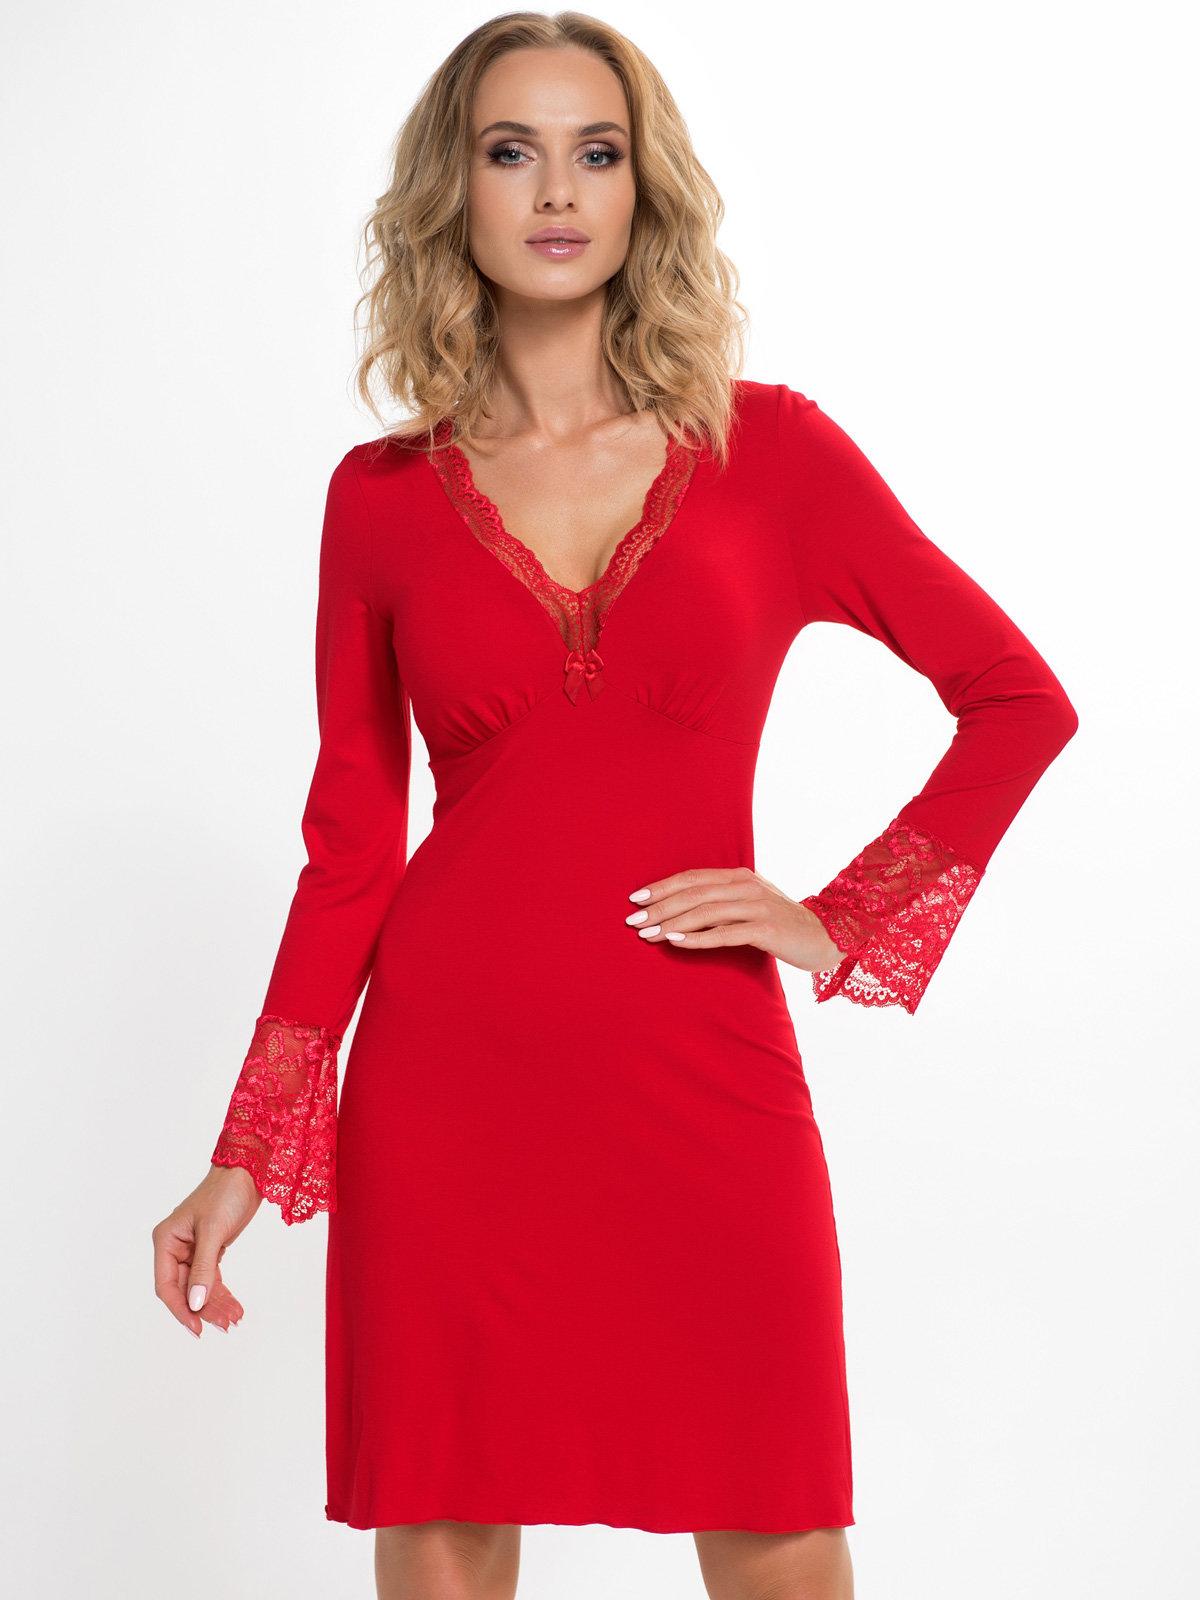 Chemise Stella II Red Rosu de la Donna